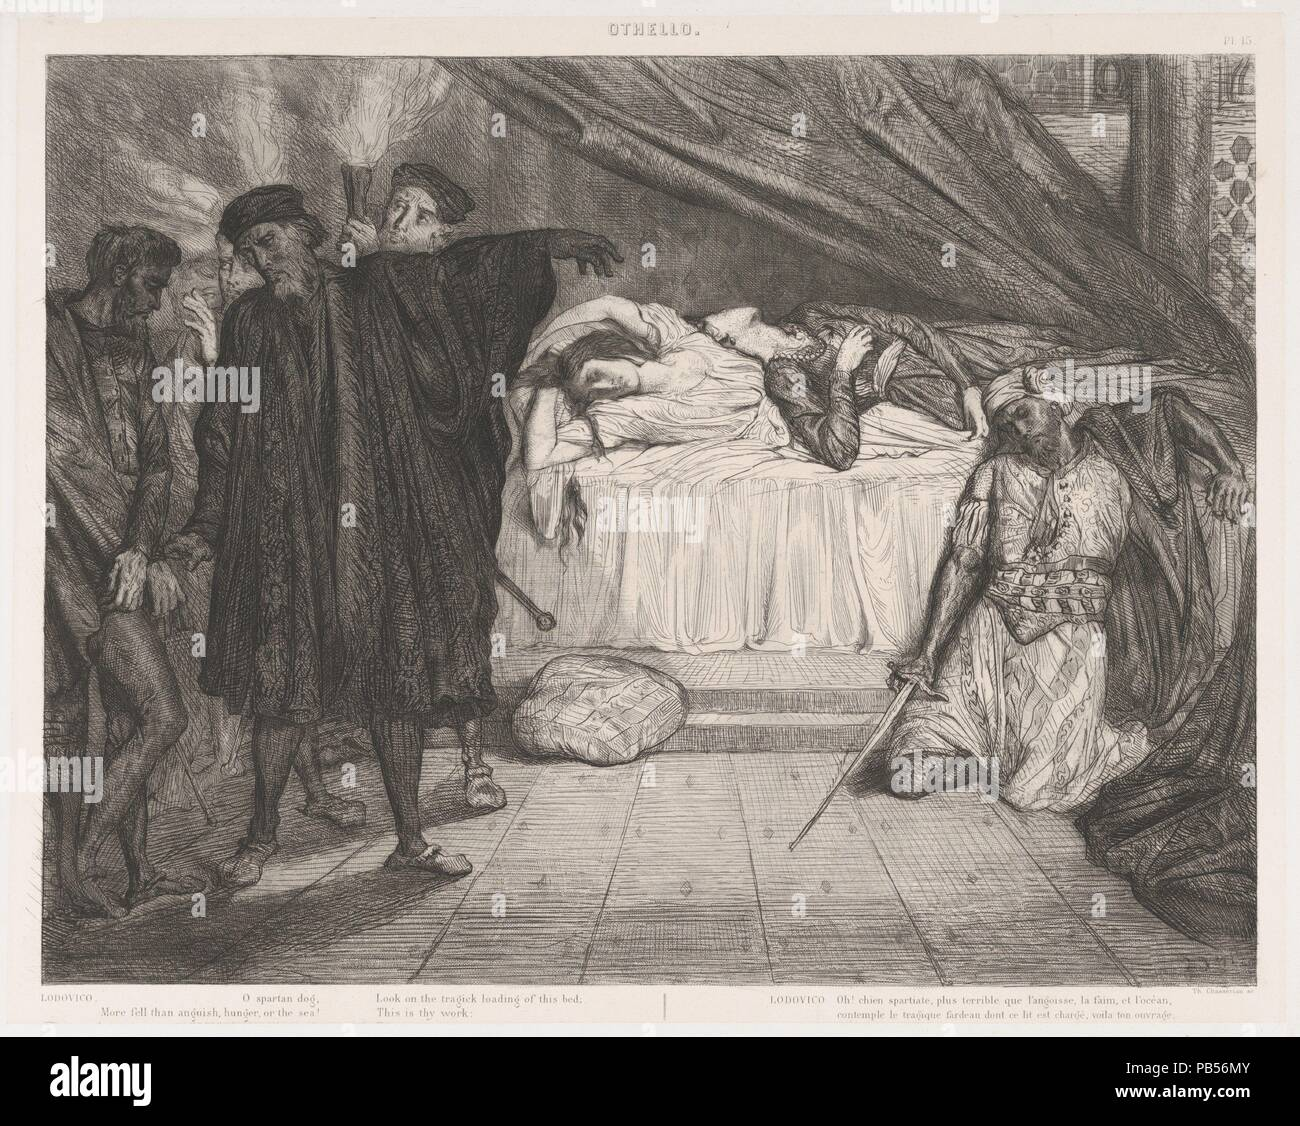 'O' chien spartiate: plaque de 15 Othello (Acte 5, scène 2). Artiste: Théodore Chassériau (français, le limon, Saint-Domingue, Antilles 1819-1856 Paris). Fiche technique: Dimensions: 25 x 19 1/4 in. (63,5 x 48,9 cm) plaque: 12 5/8 x 15 7/8 in. (32,1 x 40,4 cm) de droit: 11 x 14 5/8 à 5/16. (28,7 x 37,2 cm). Portefeuille/Série: Suite de 15 estampes: Othello de Shakespeare / Quinze esquisses à l'eau forte dessinées et gravées par Théodore Chasseriau. Objet: William Shakespeare (British, Stratford-upon-Avon 1564-1616 Stratford-upon-Avon). Date: 1844. En 1844, Eugène Piot a commandé le jeune Chassériau à p Banque D'Images